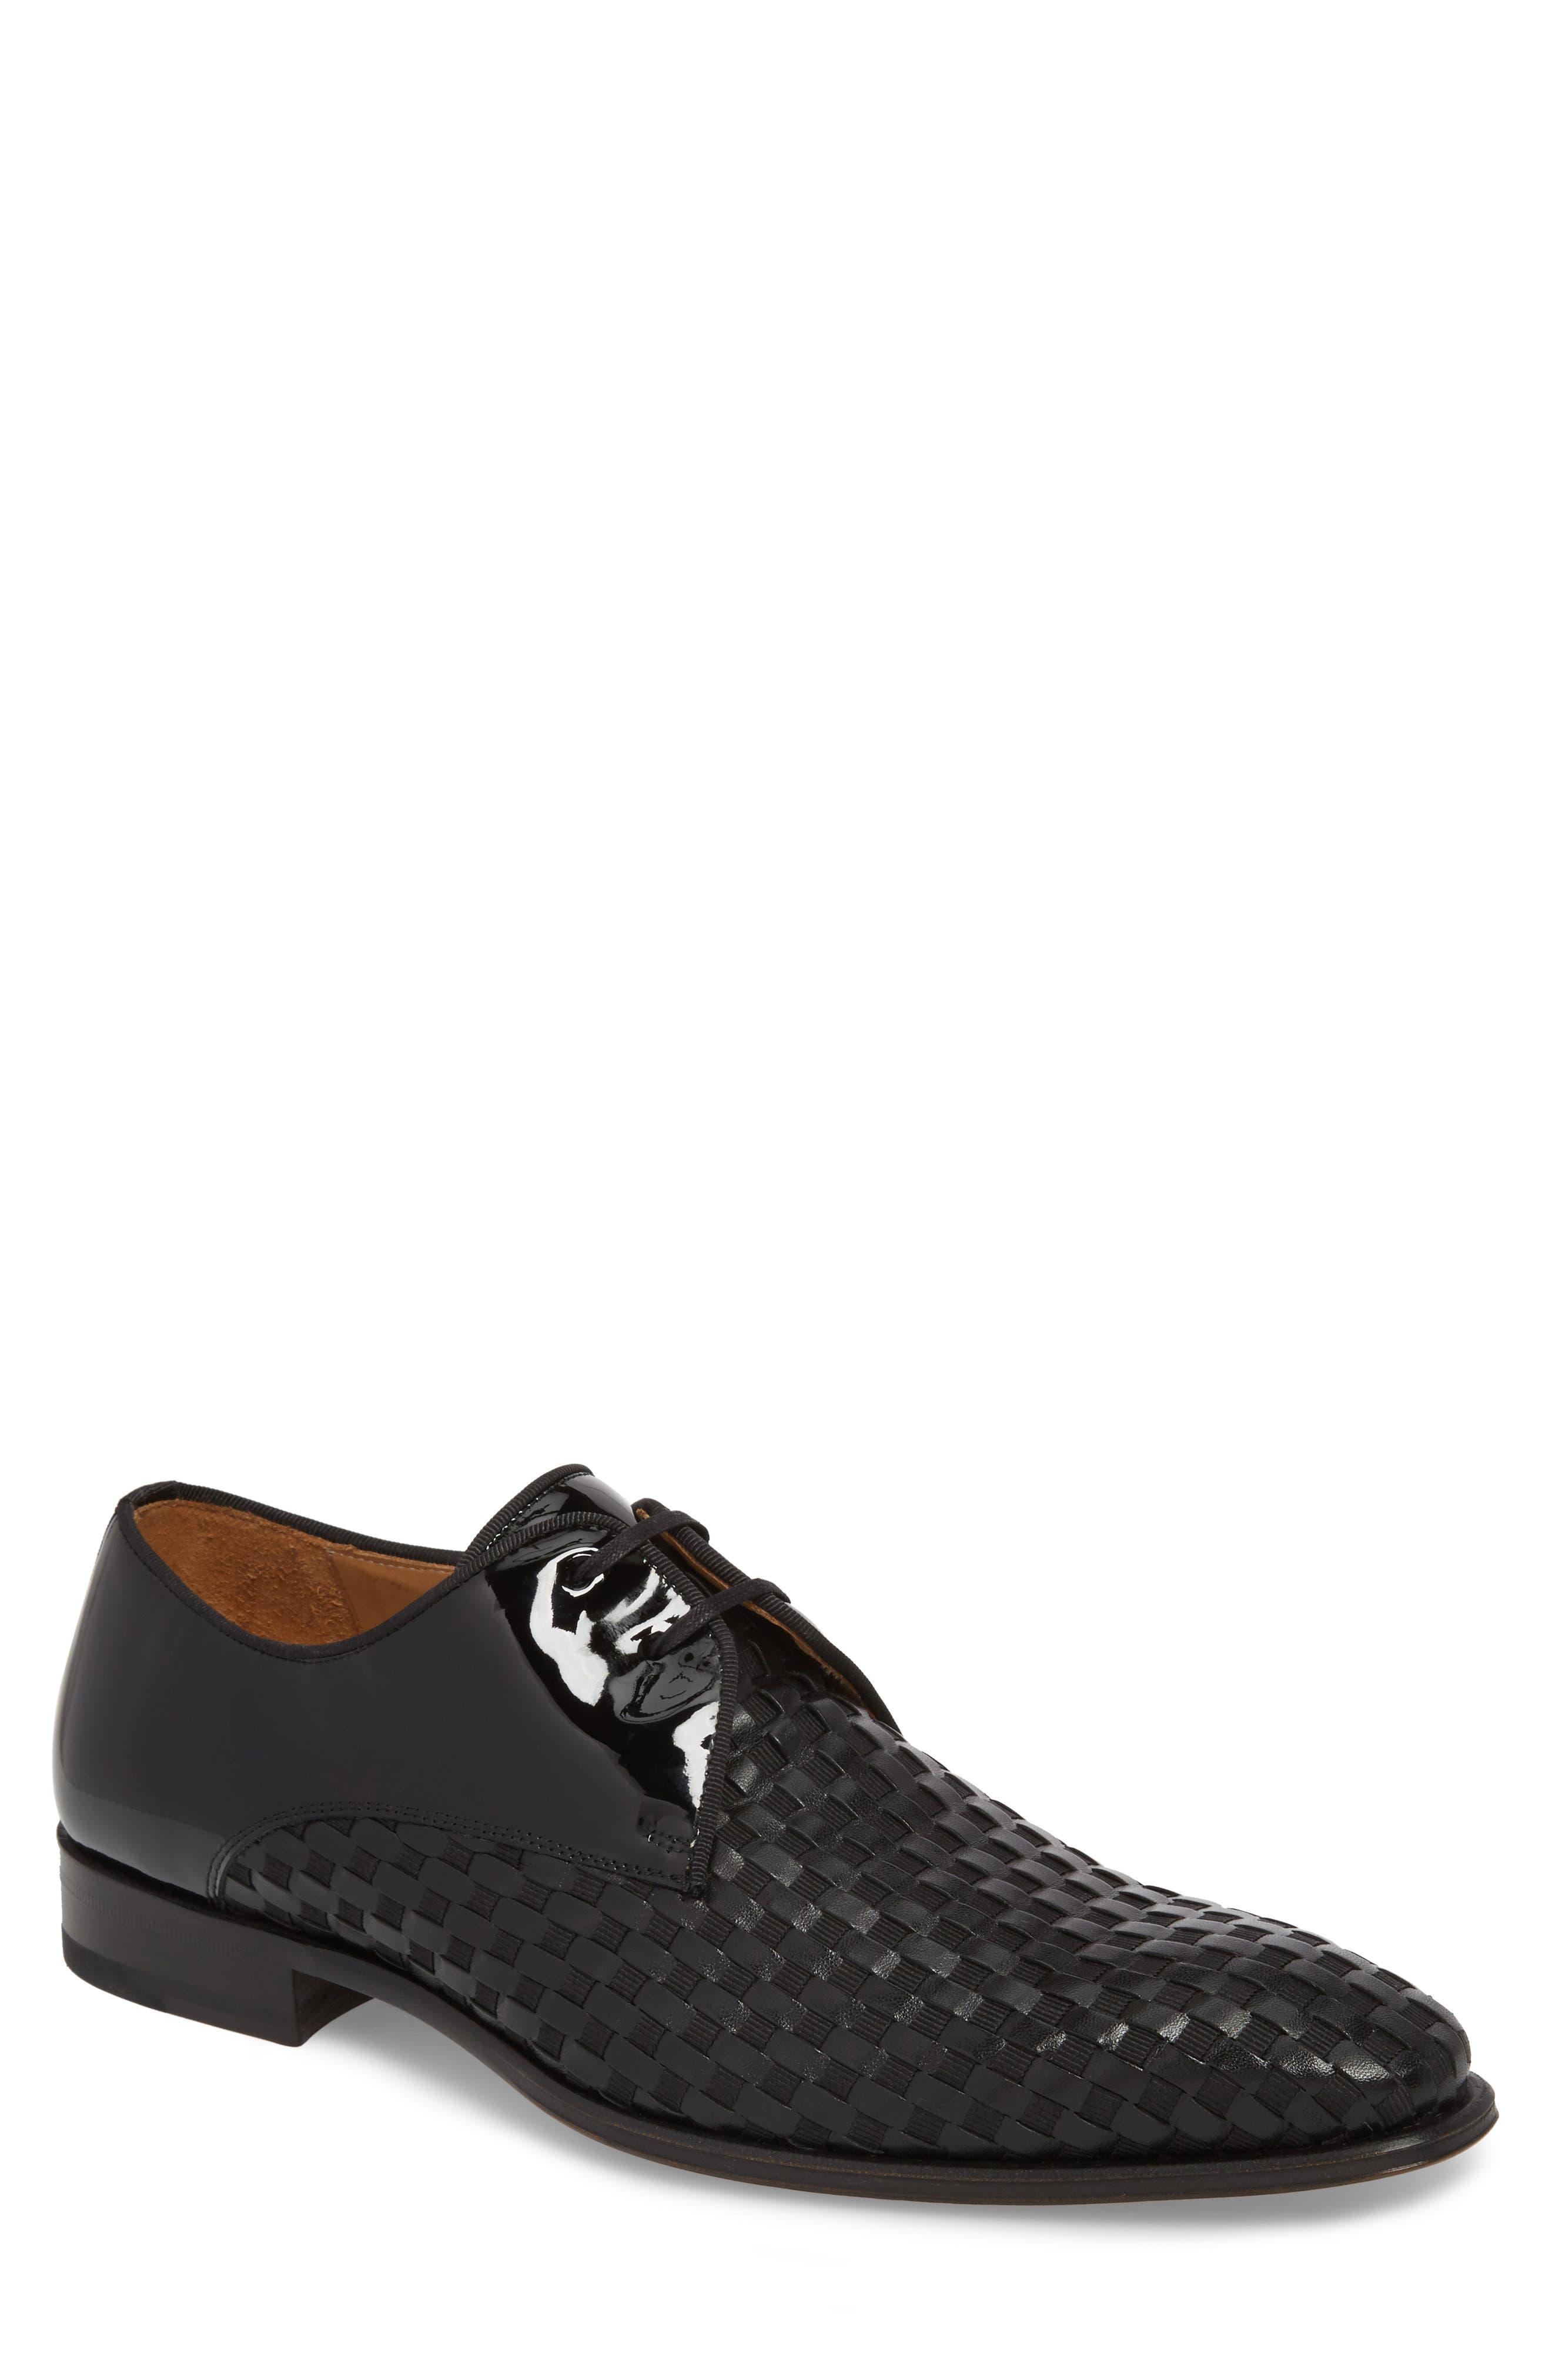 Sexto Plain Toe Derby,                         Main,                         color, BLACK LEATHER